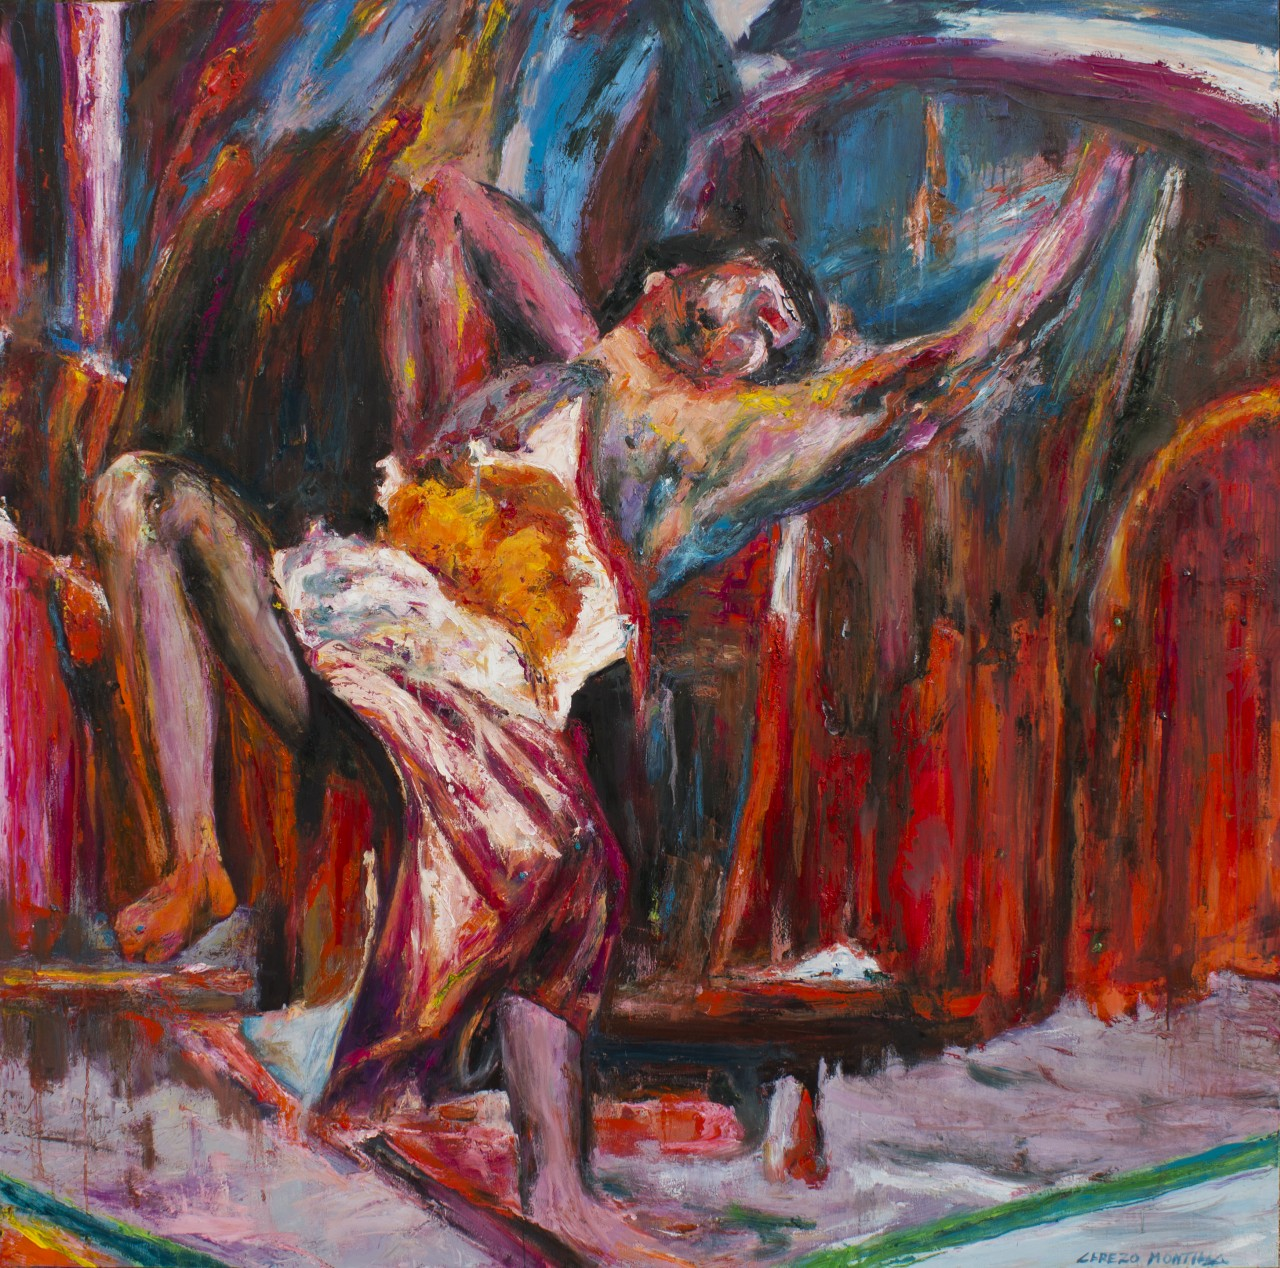 Bestiario - Cerezo Montilla - compar cuadros modernos, comprar cuadros, cuadros modernos